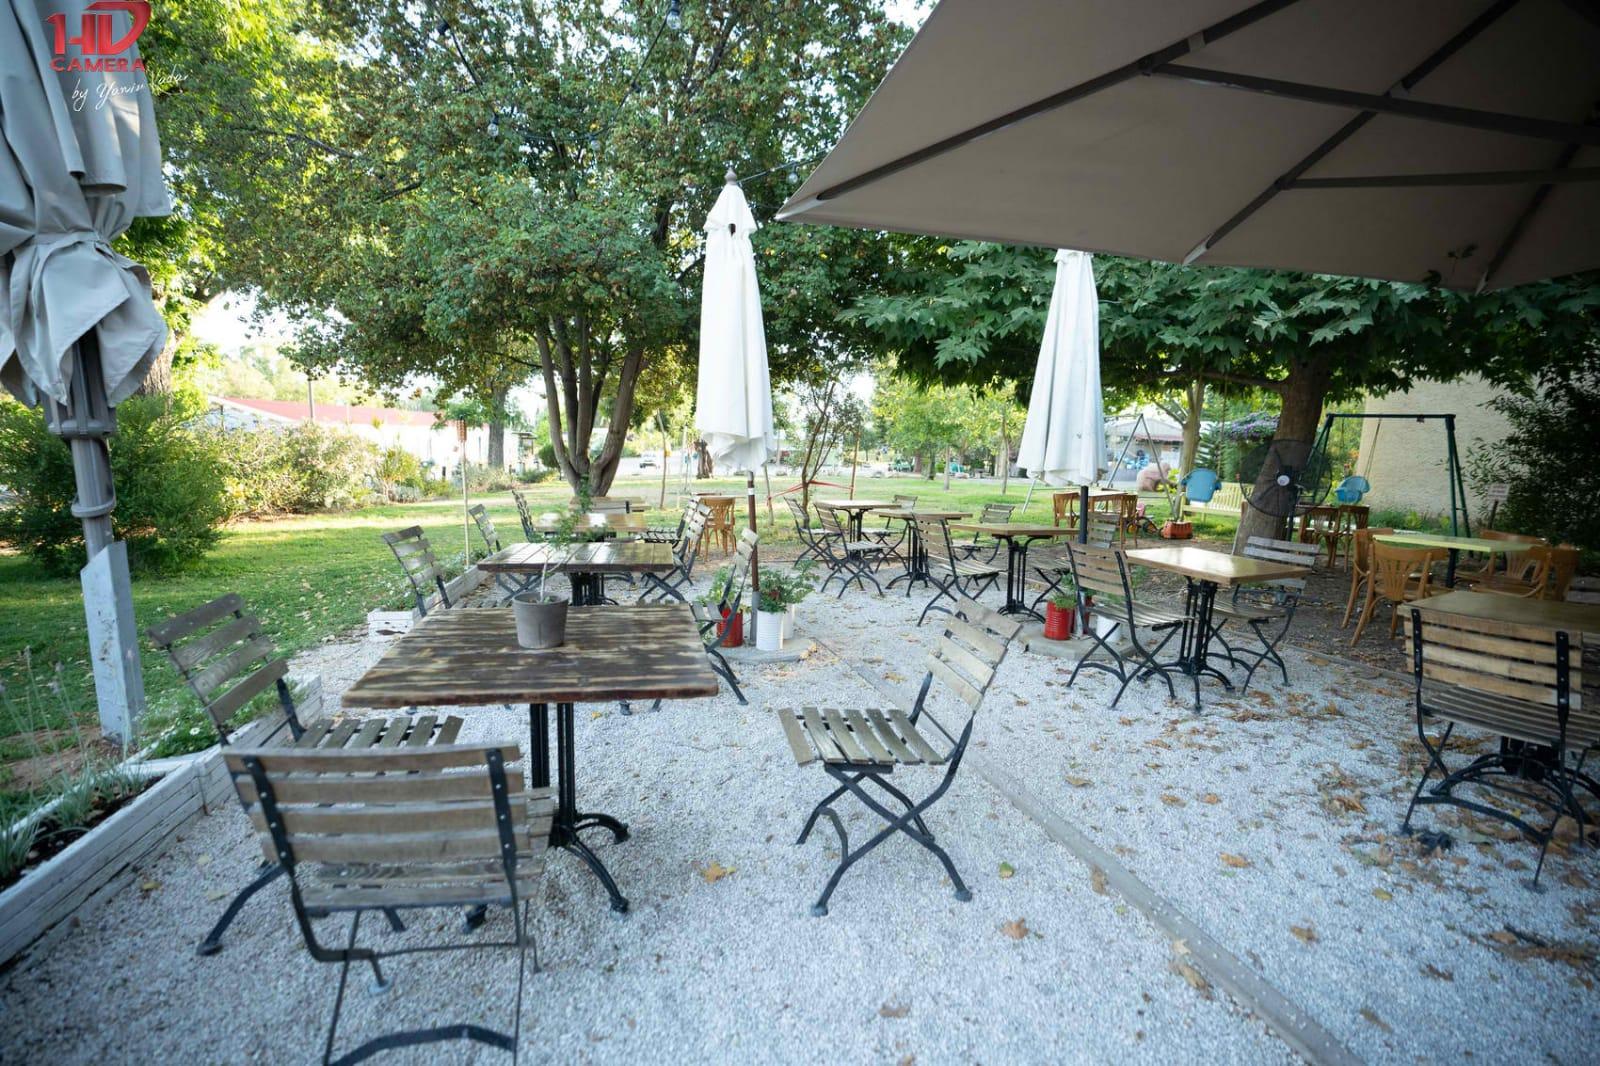 המסעדות הטובות ביותר ב עמק חפר - גרציא